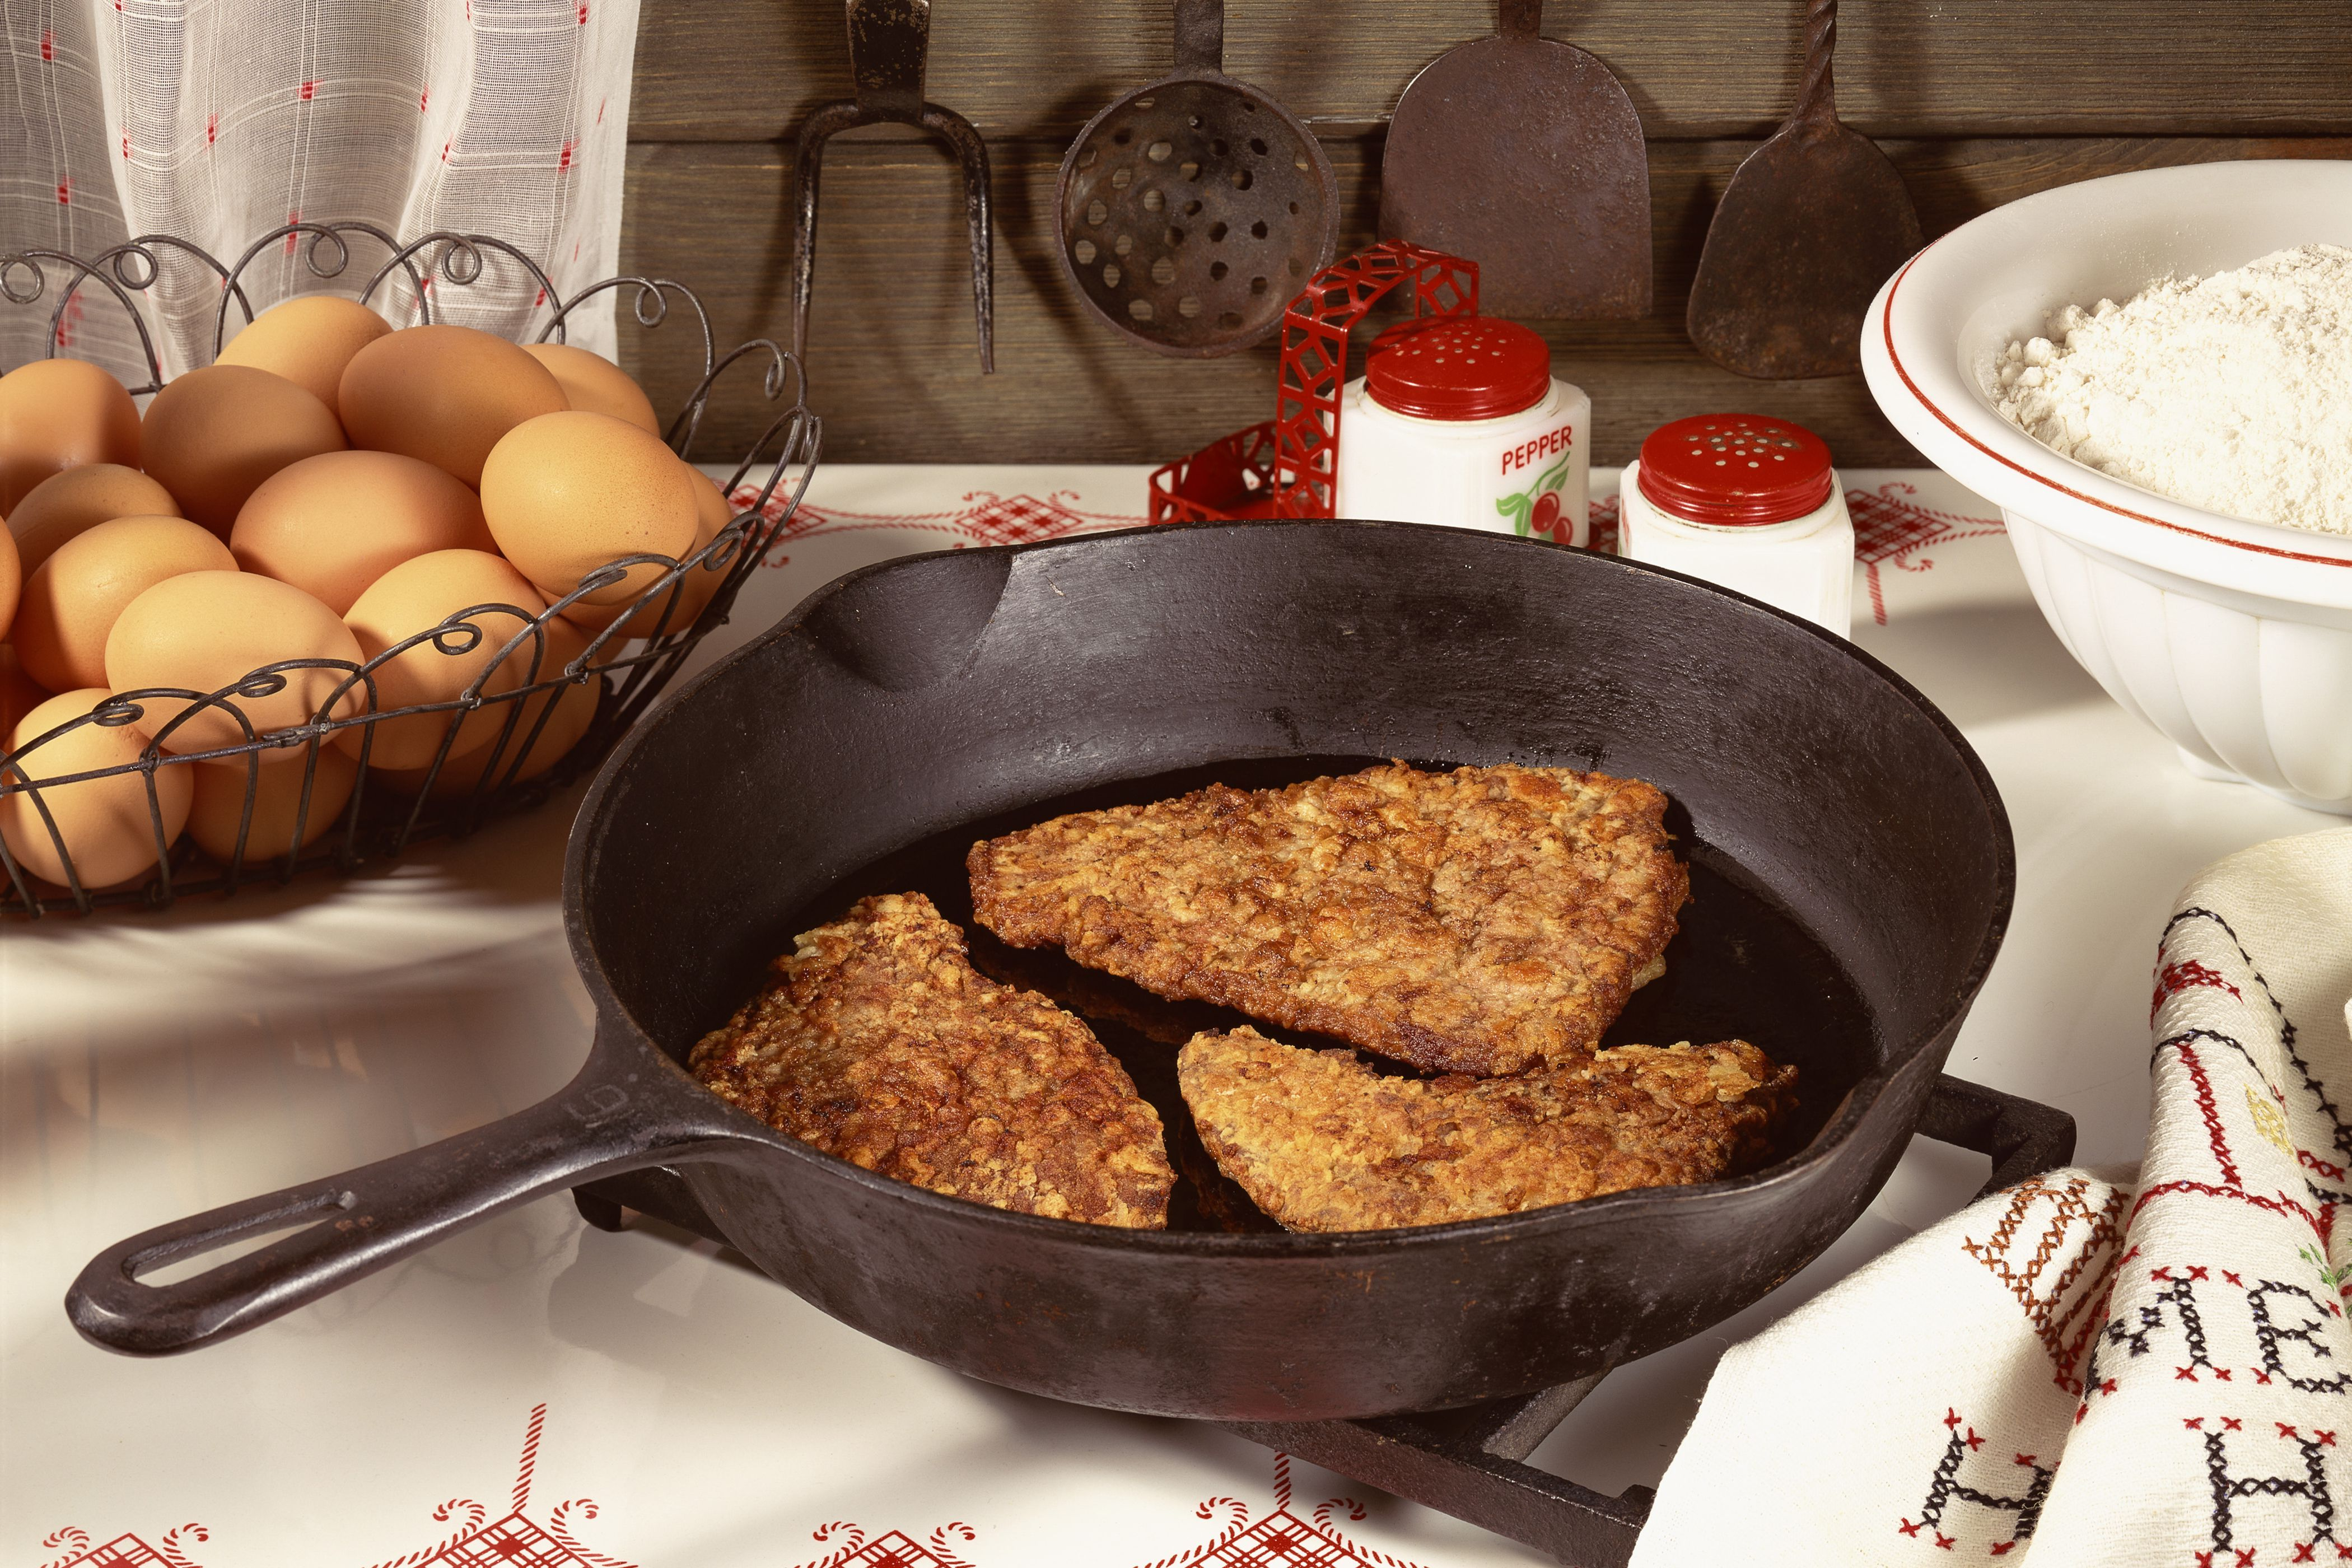 Annies texas chicken fried steak recipe chicken fried